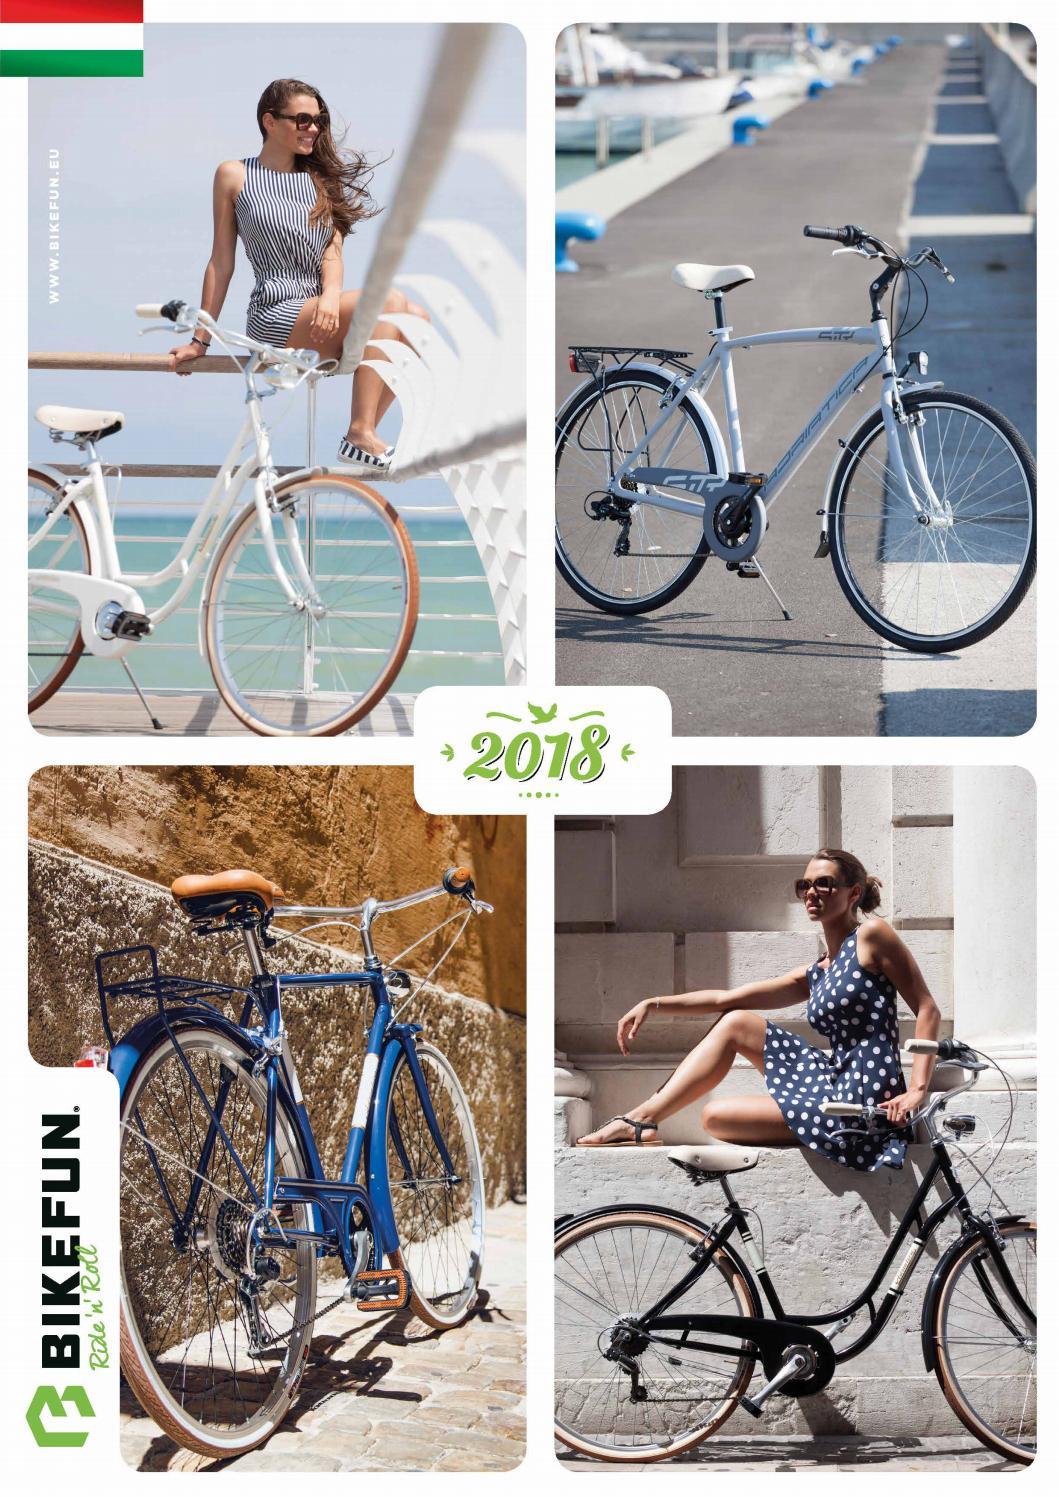 39d2fd33f40ce Bikefun 2018 katalogus vol2 bikefun by Péter Primusz - issuu